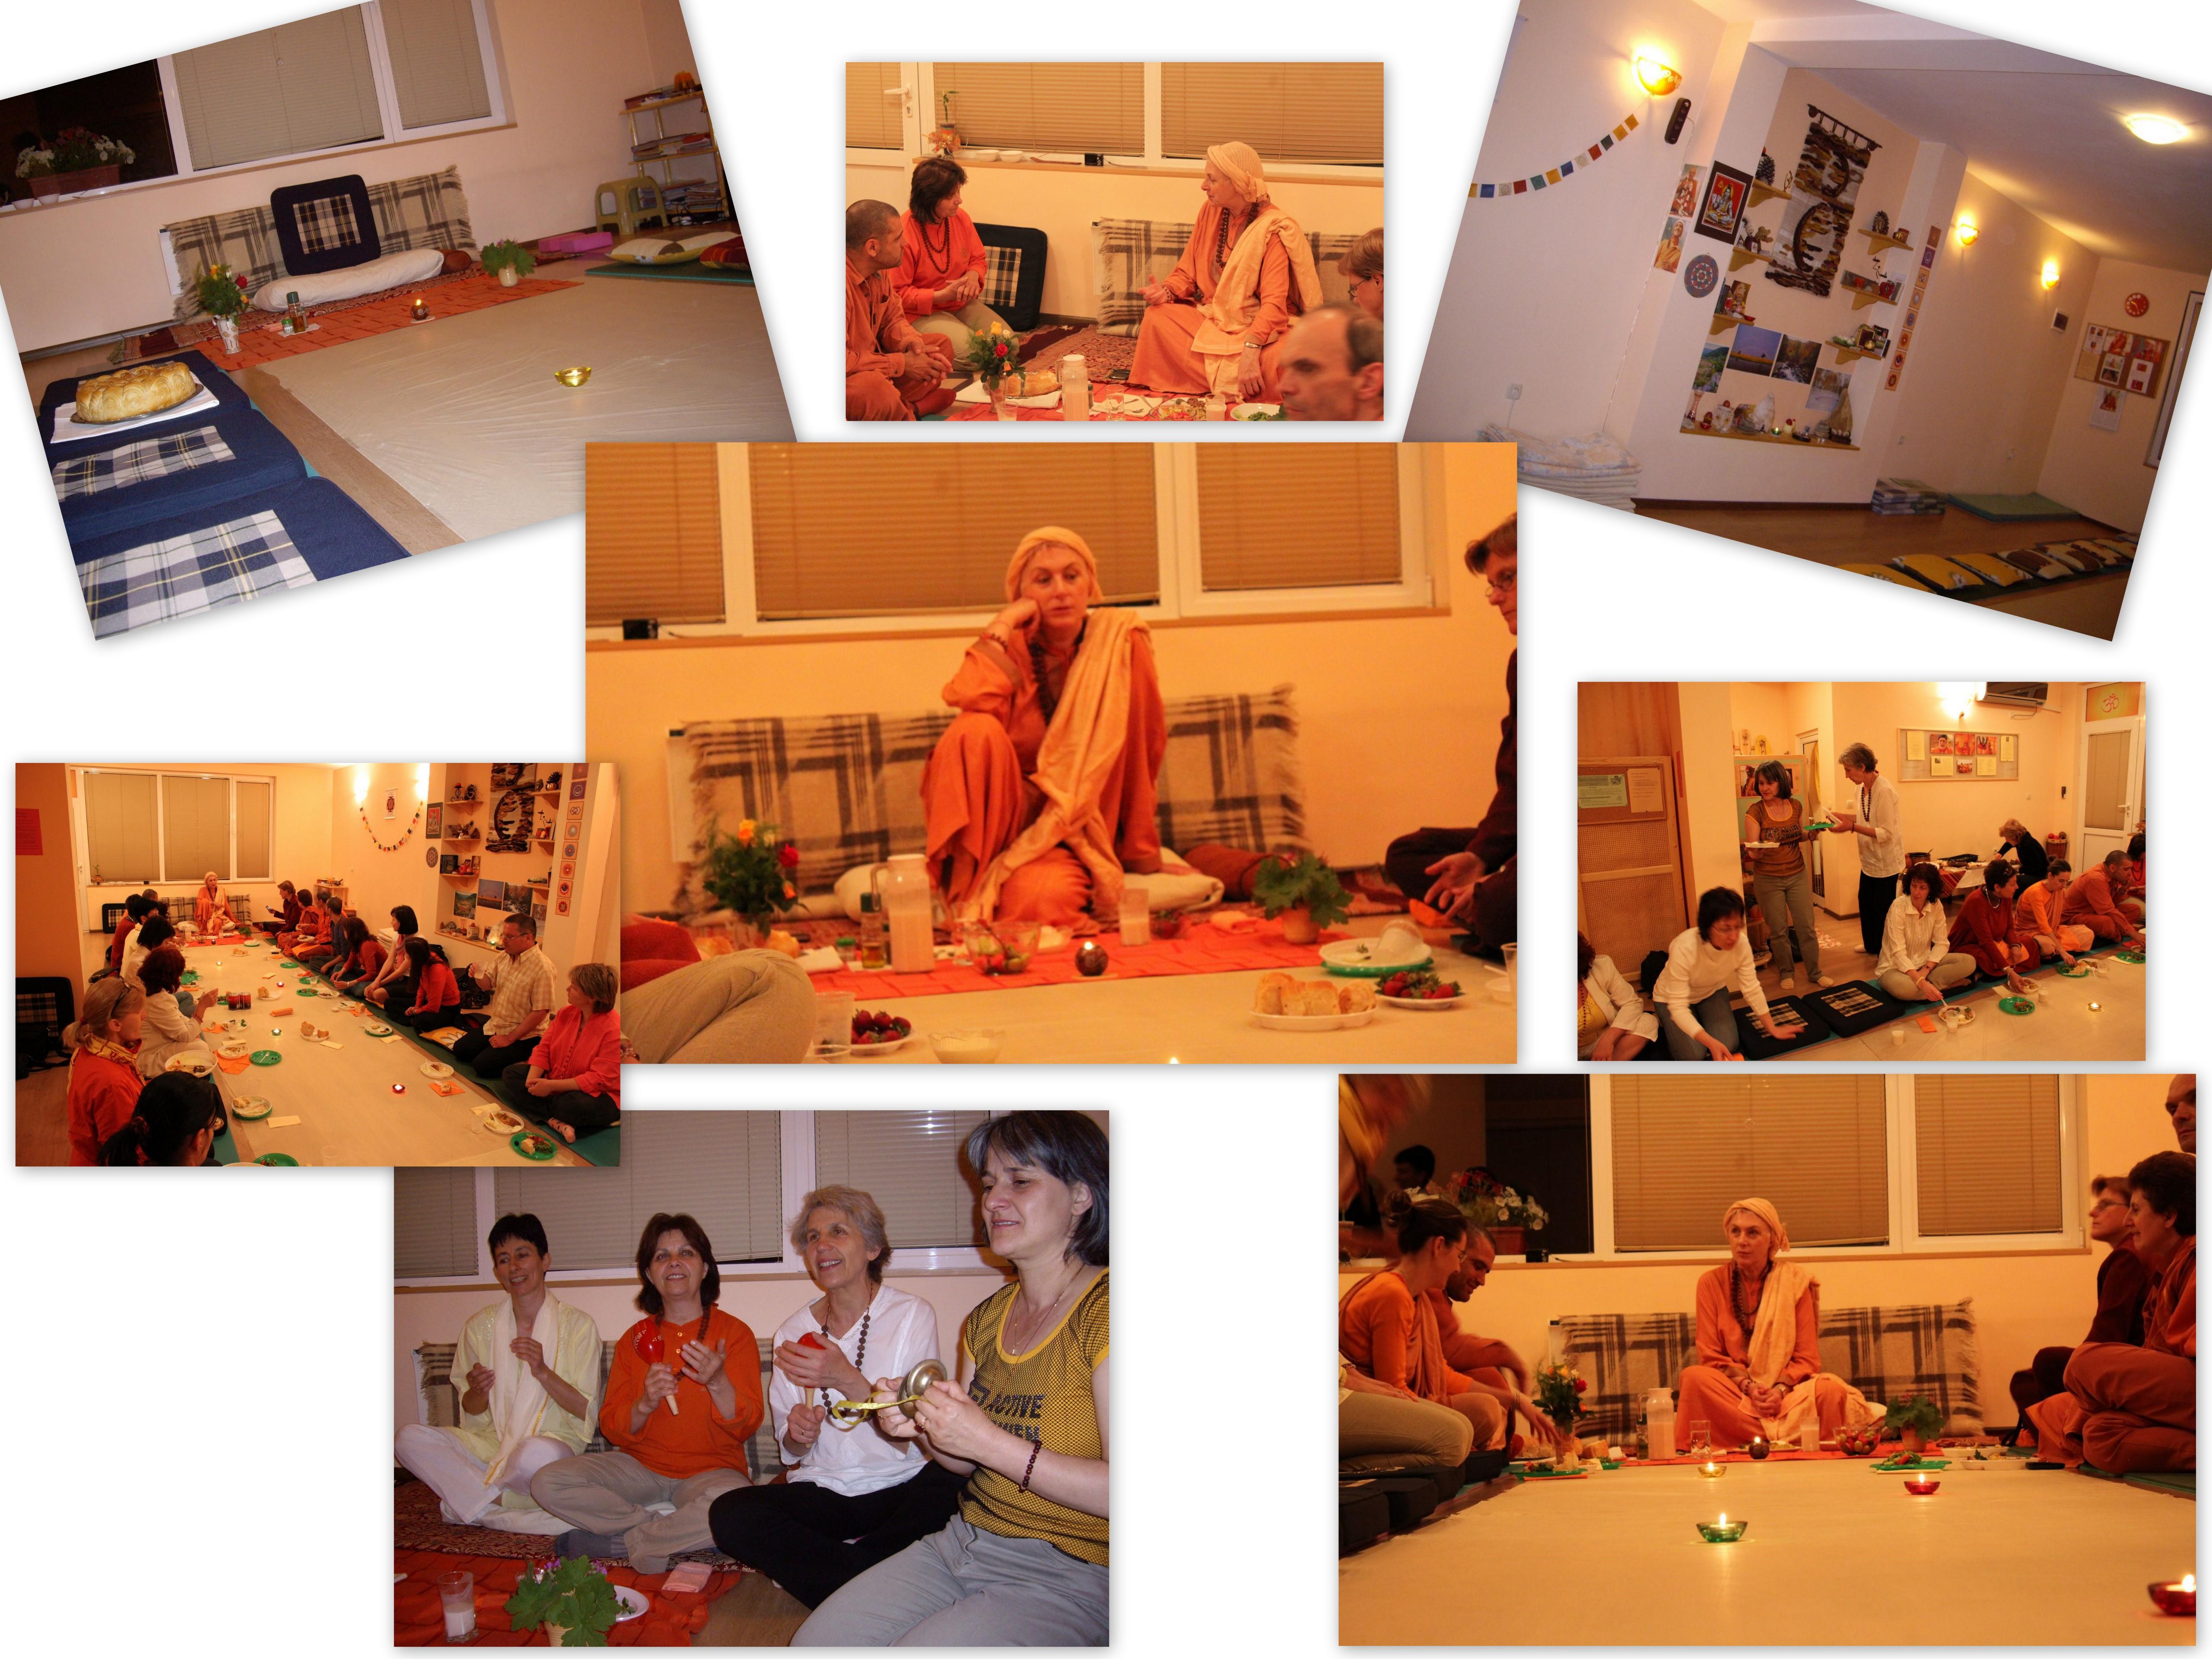 swami-sivamurti-v-studio-mudita.jpg